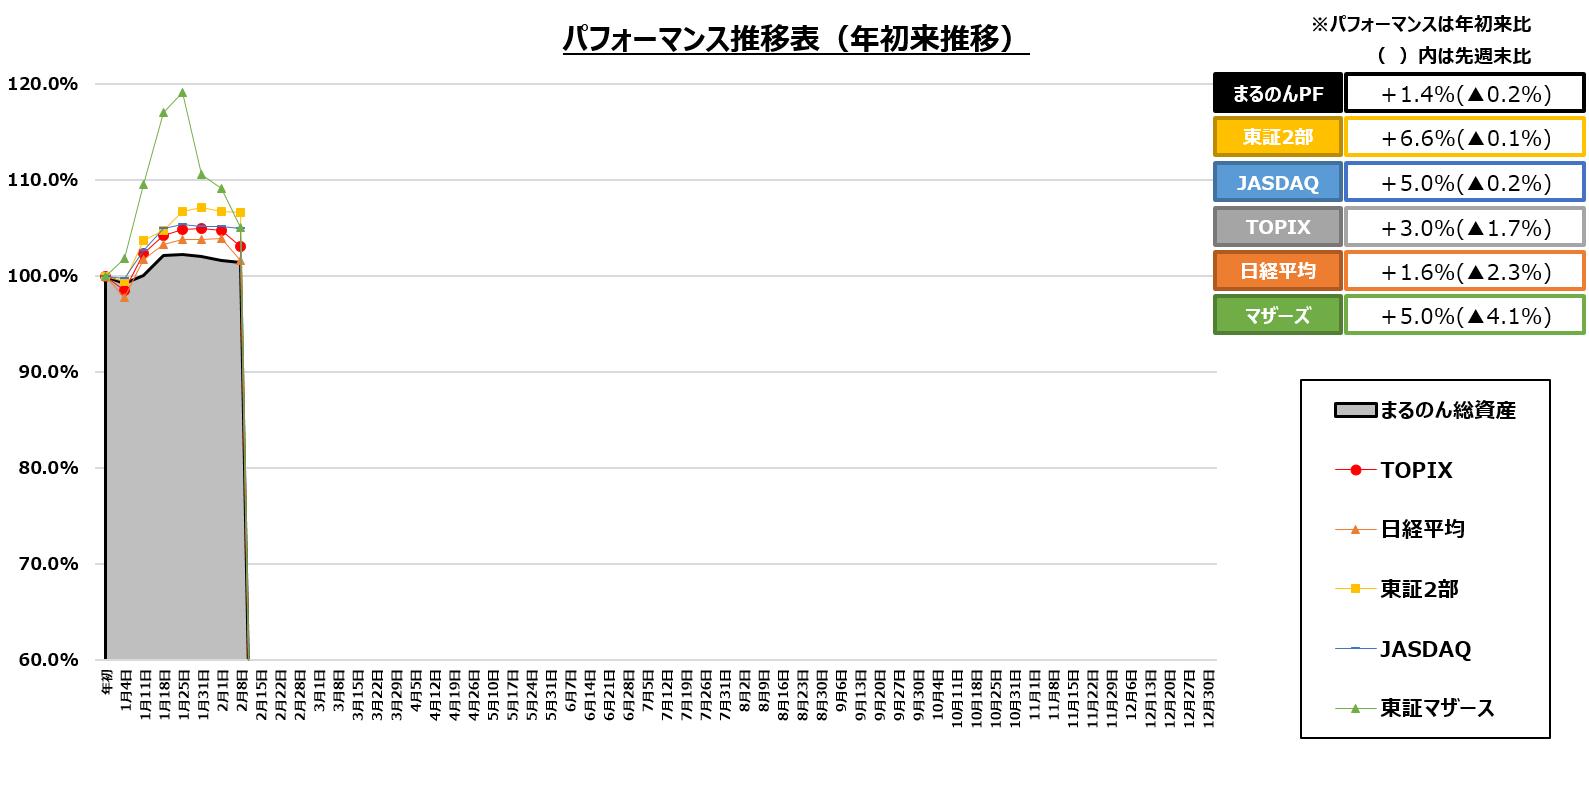 工業 株価 東鉄